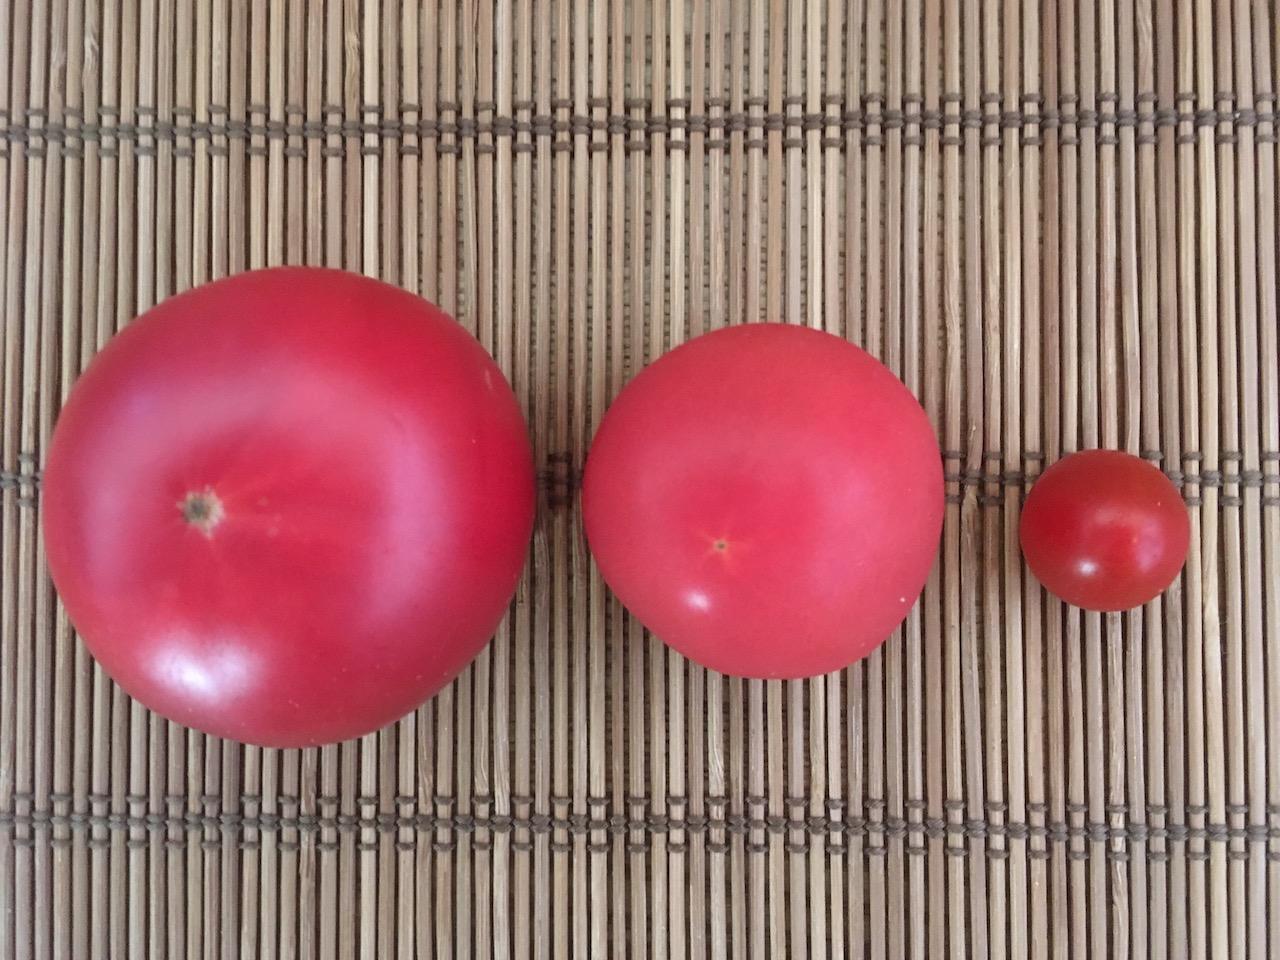 大きさの違う3つのトマト